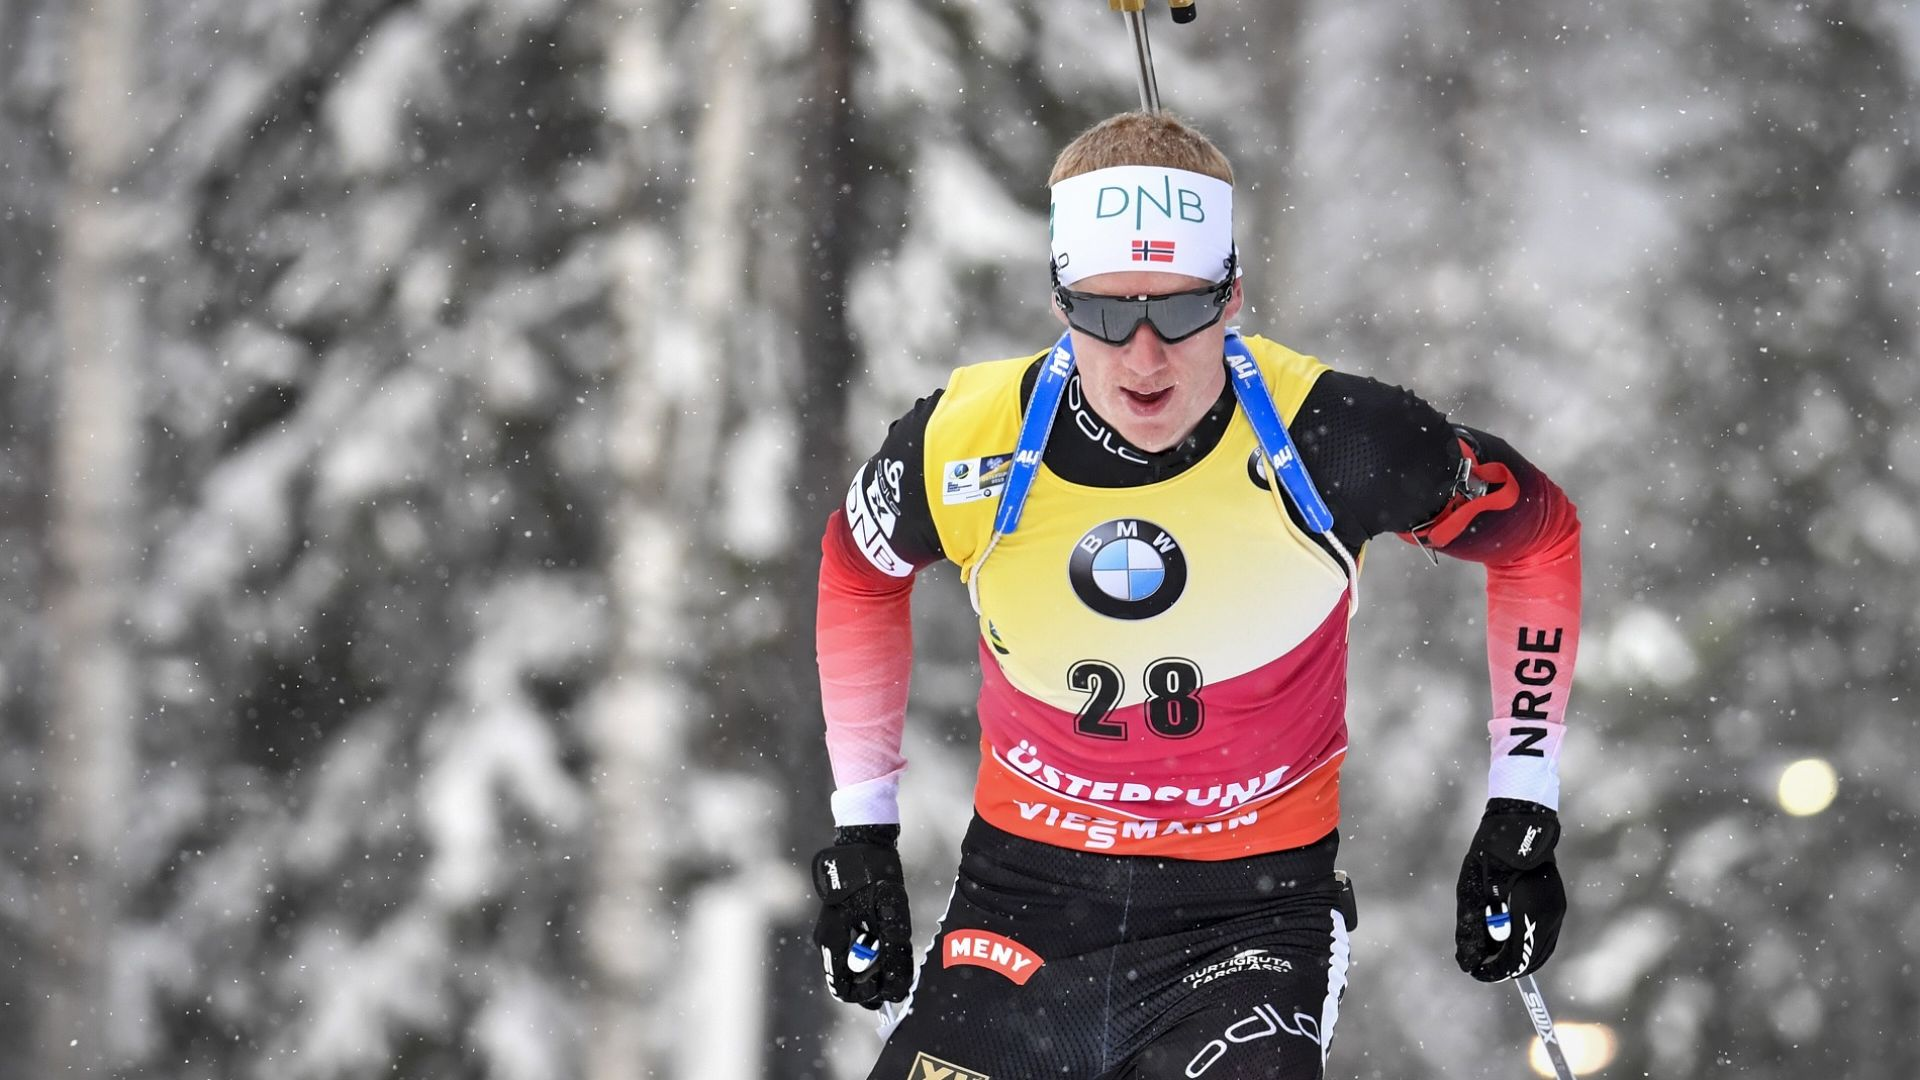 Тингес Бьо със Световната титла в спринта, Анев влезе в топ 30